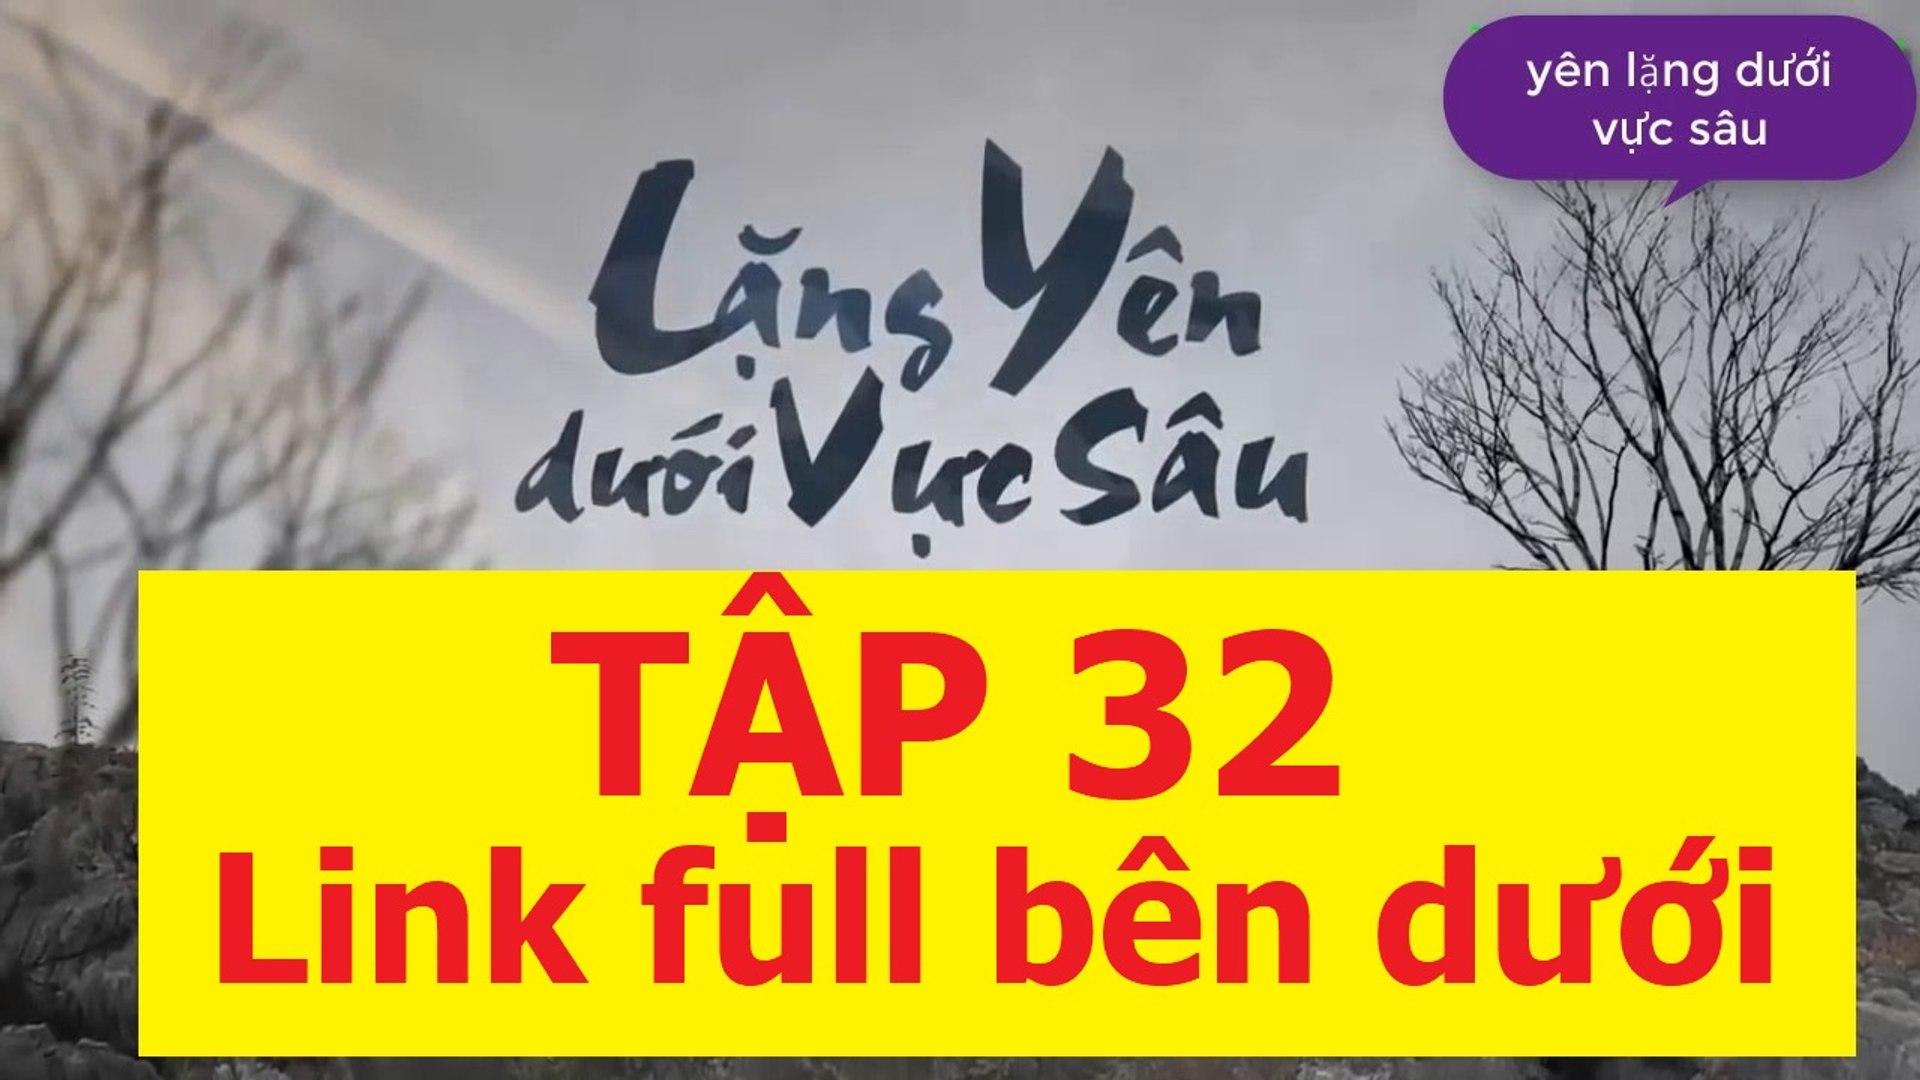 MV Lặng yên - Phim Lặng yên dưới vực sâu OST - Tap 32 (Tap cuoi)